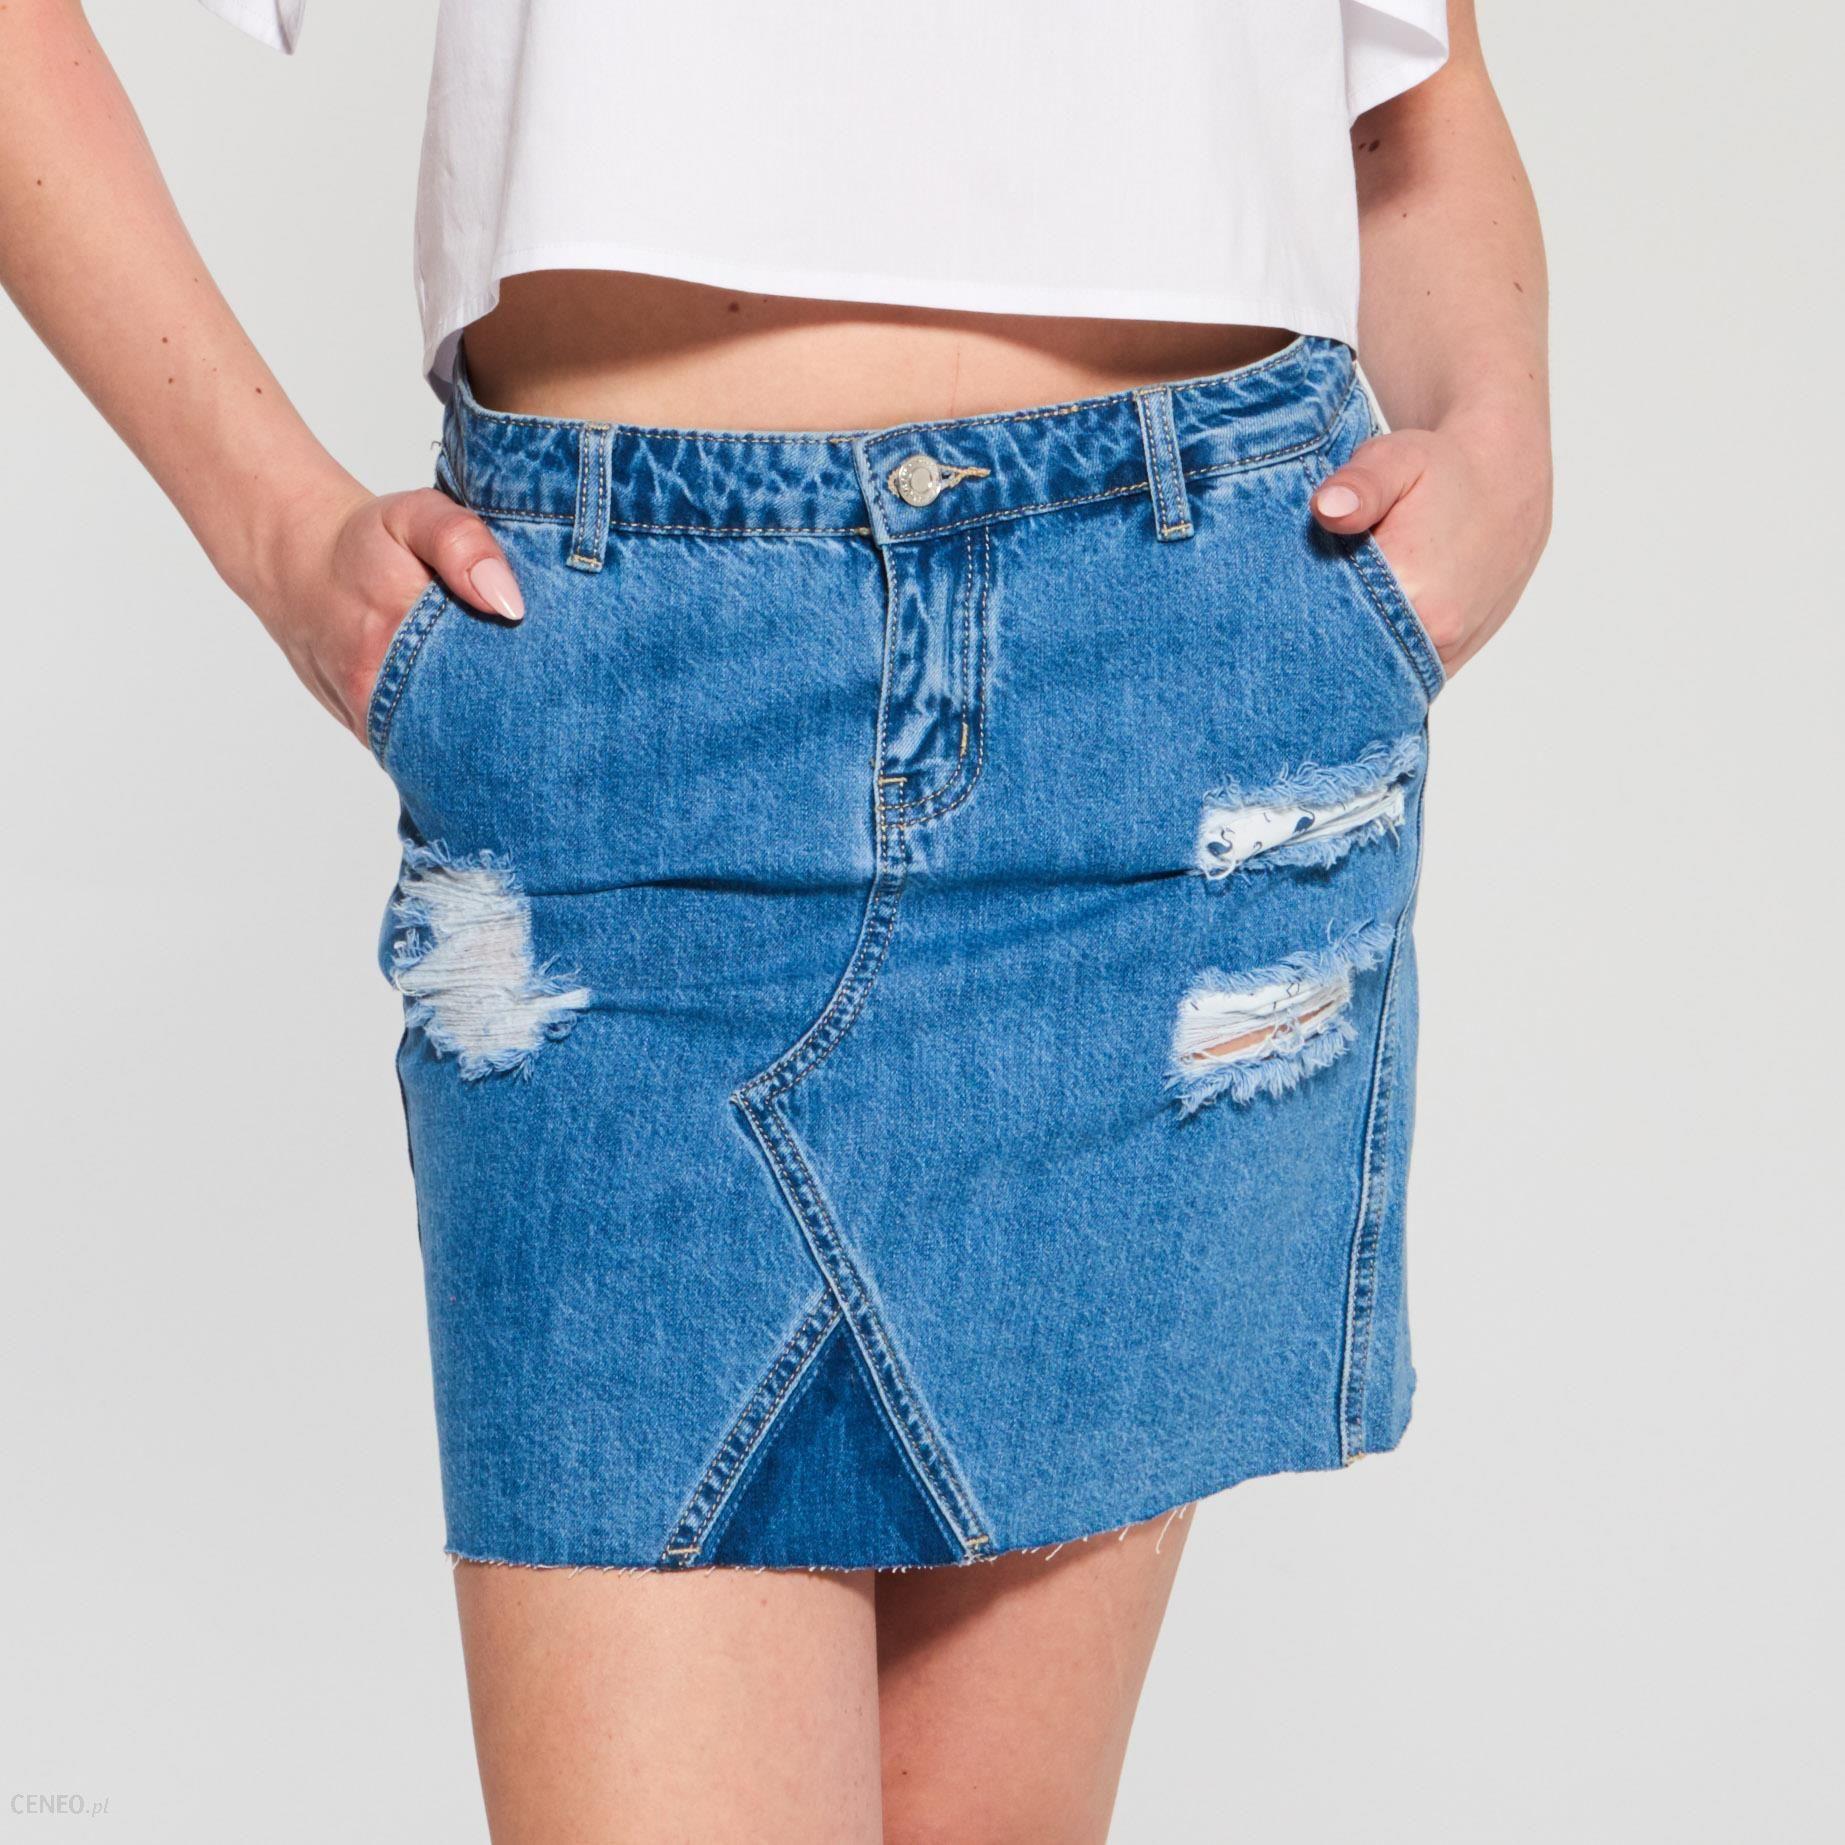 7356a66edfb2b5 Sinsay - Jeansowa spódnica - Niebieski - damski - Ceny i opinie ...